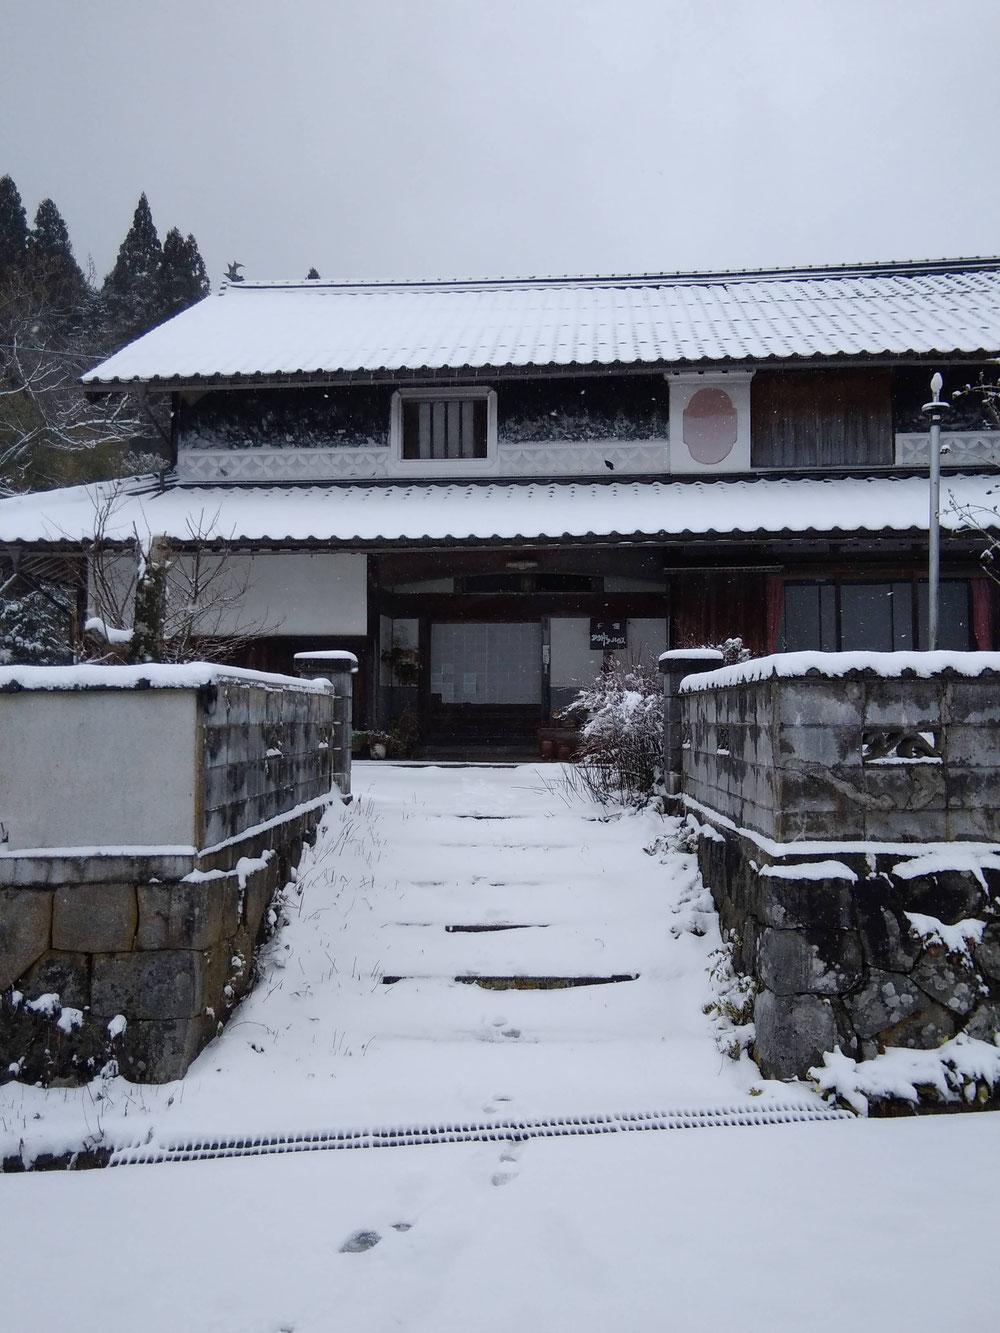 2020年1月末、久々に積雪の古民家民宿千屋アウトドアハウス前。